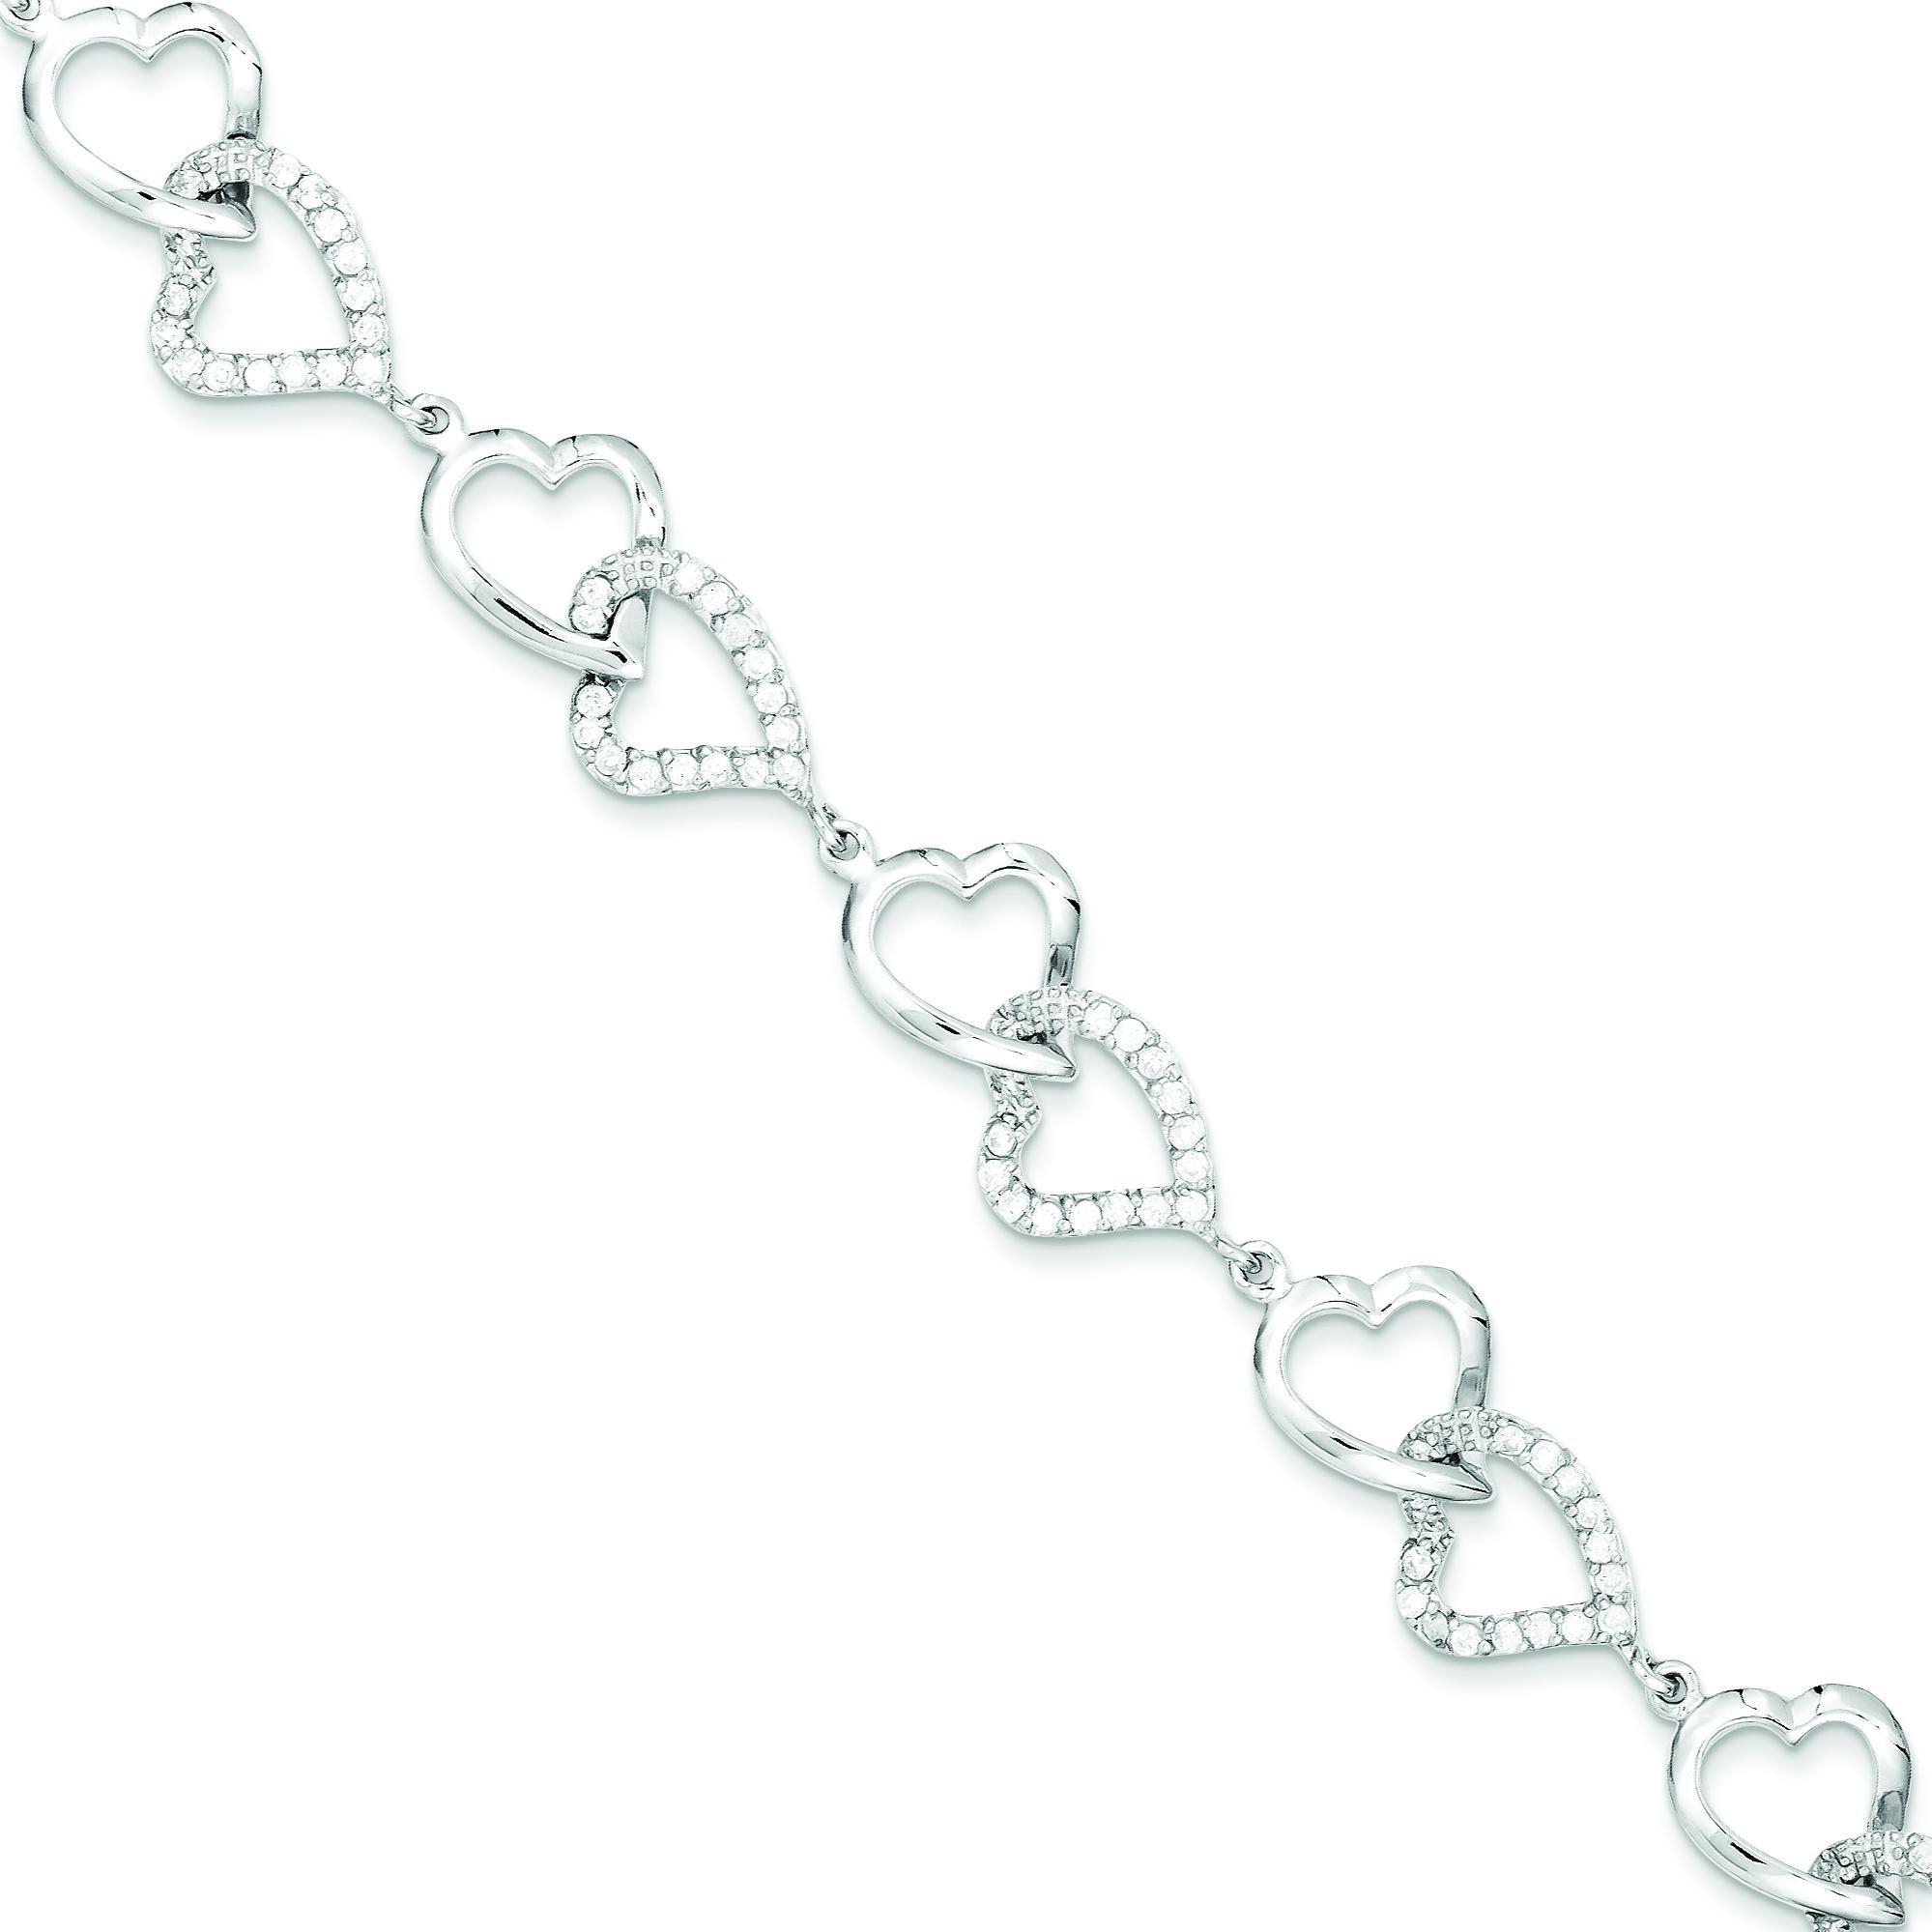 CZ Heart Bracelet in Sterling Silver